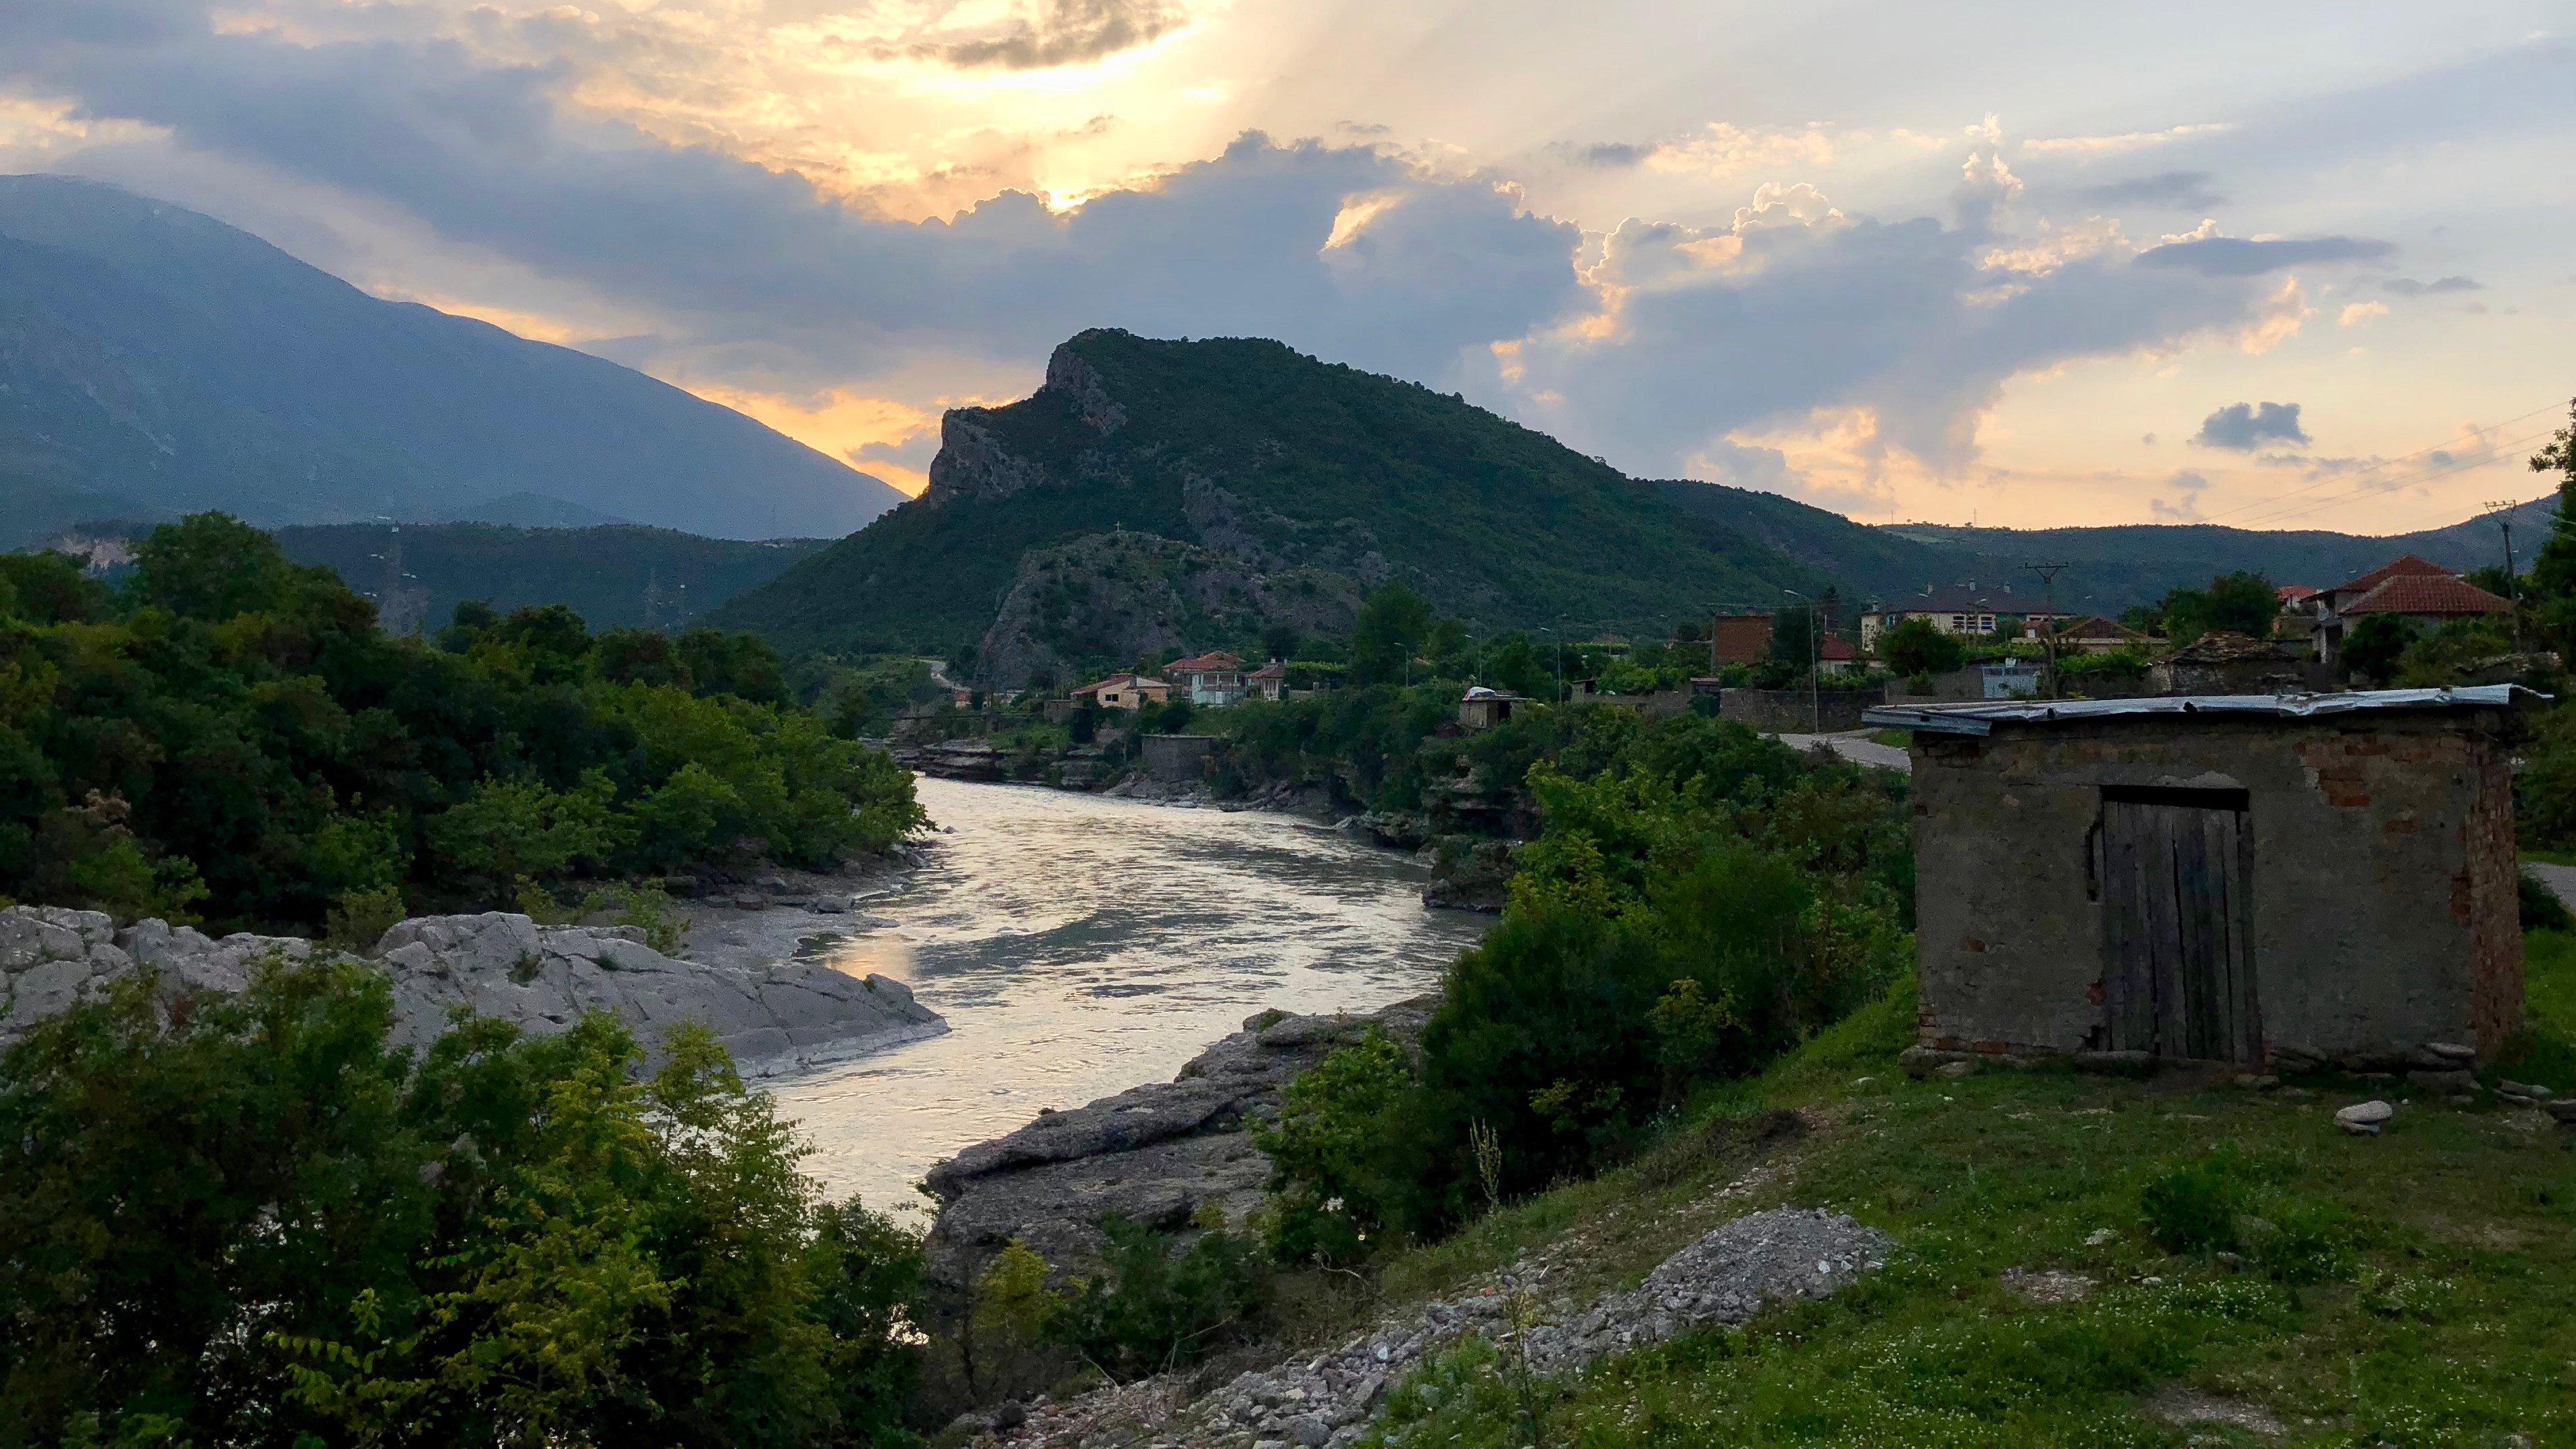 Europas letzter wilder Fluss – Bedroht ein Staudamm Albaniens Natur? (Doku)